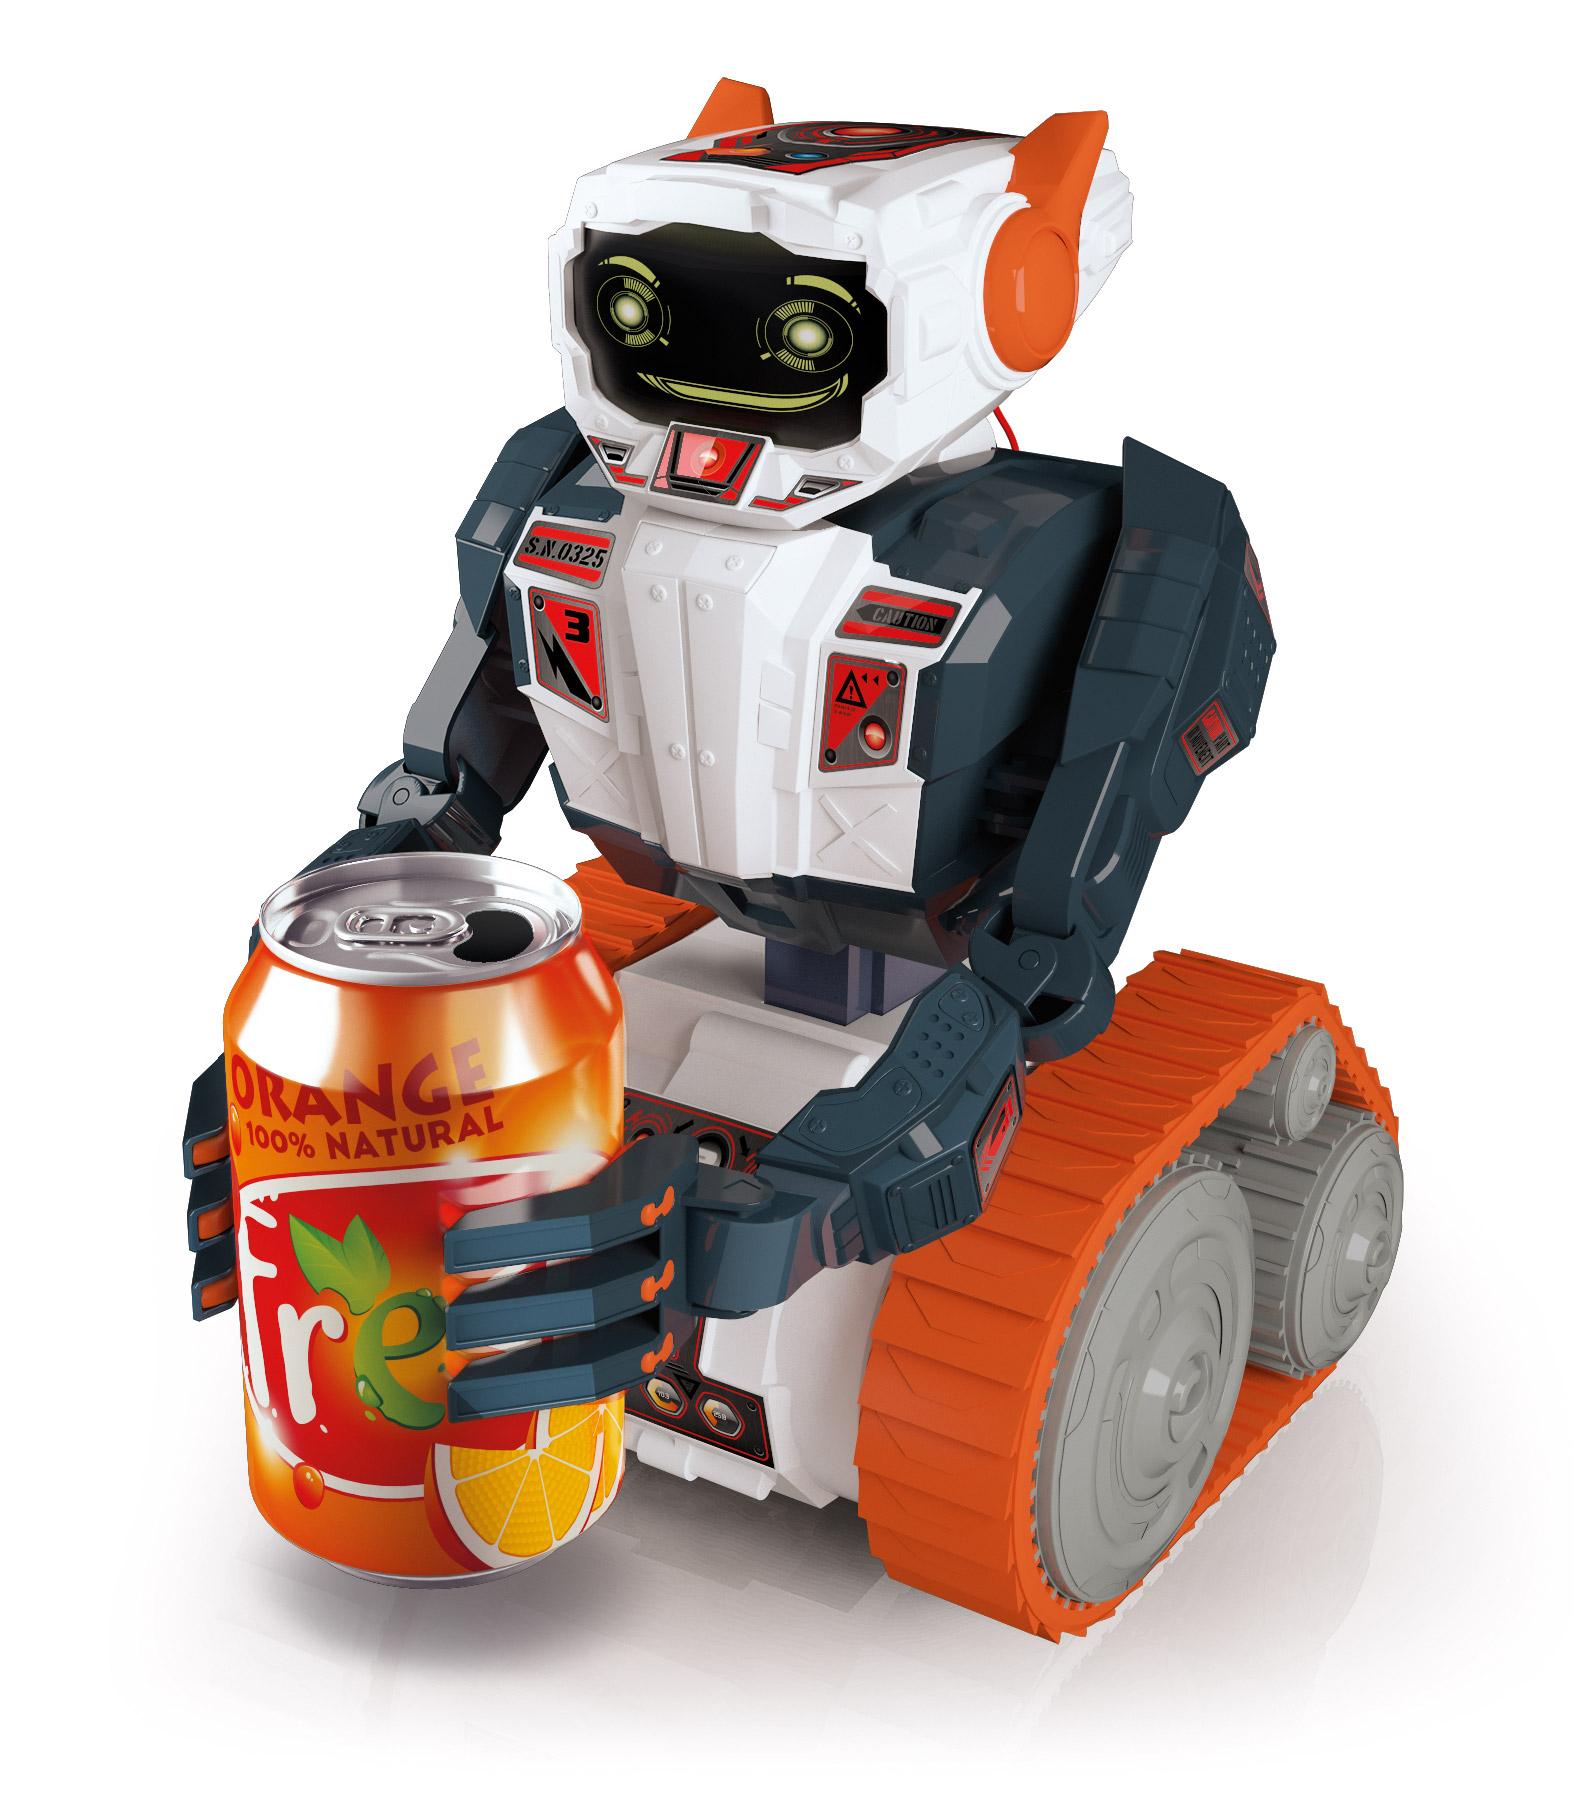 Clementoni coding e robotica educativa sensi del viaggio - Robot per cucinare e cuocere ...